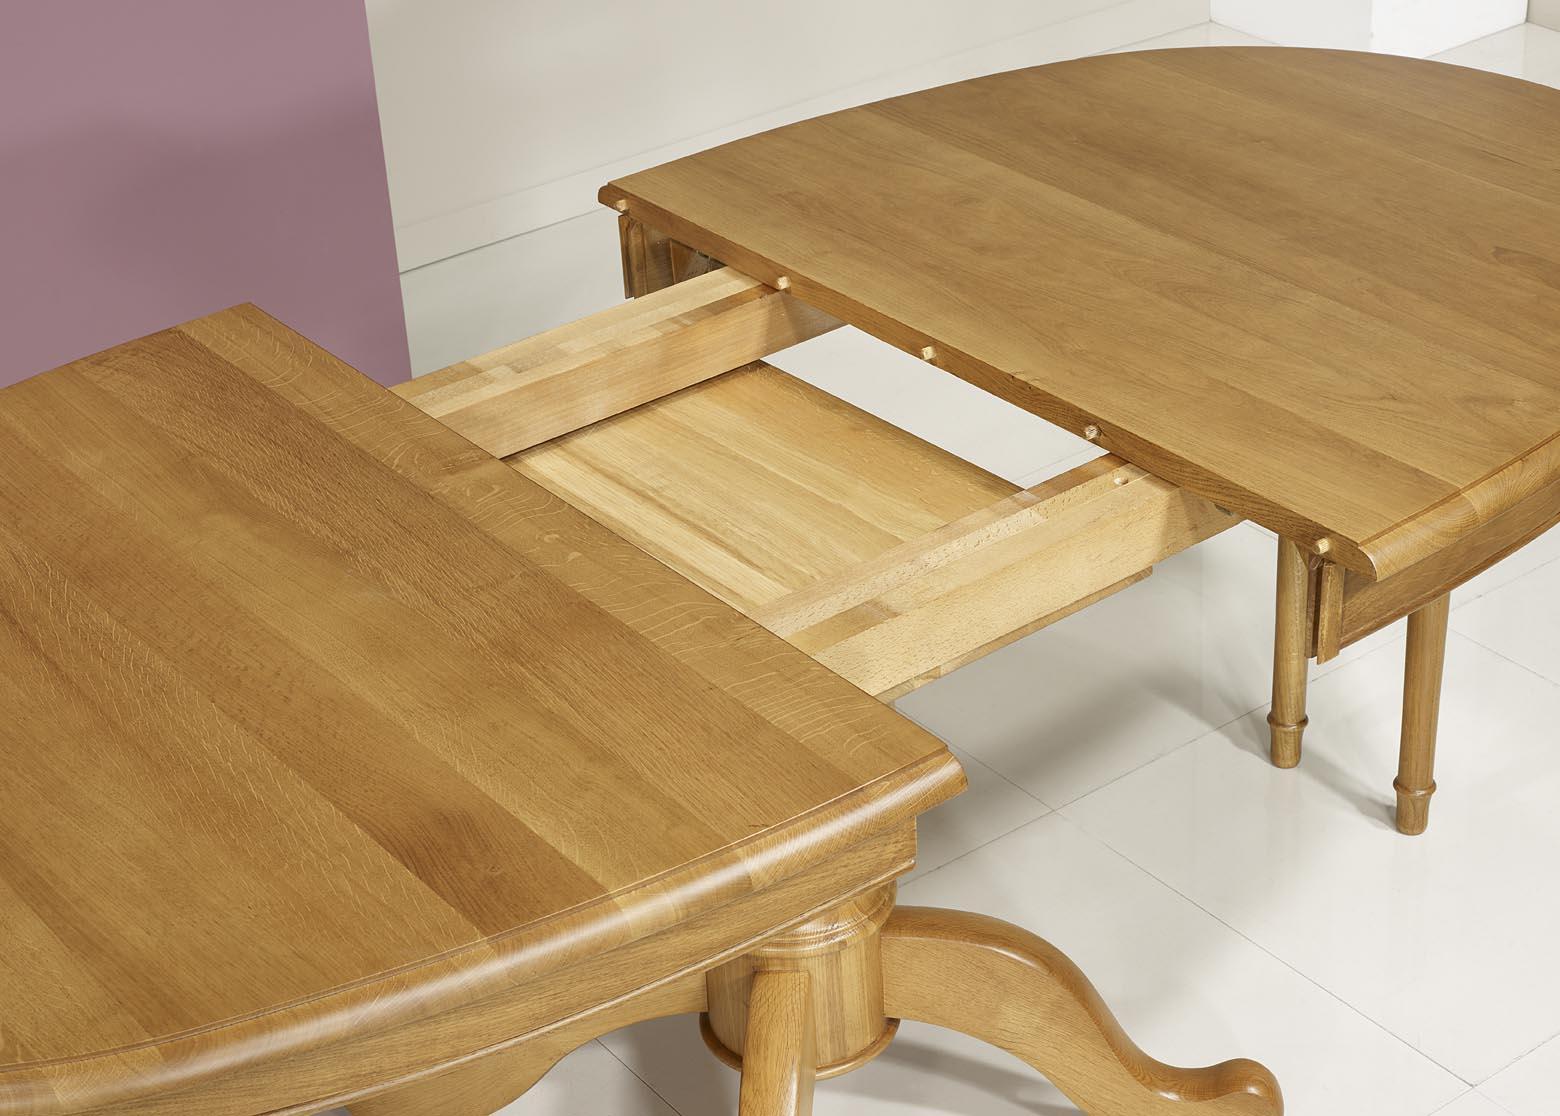 Table ovale 170x100 en ch ne massif de style louis for Table ovale en bois massif